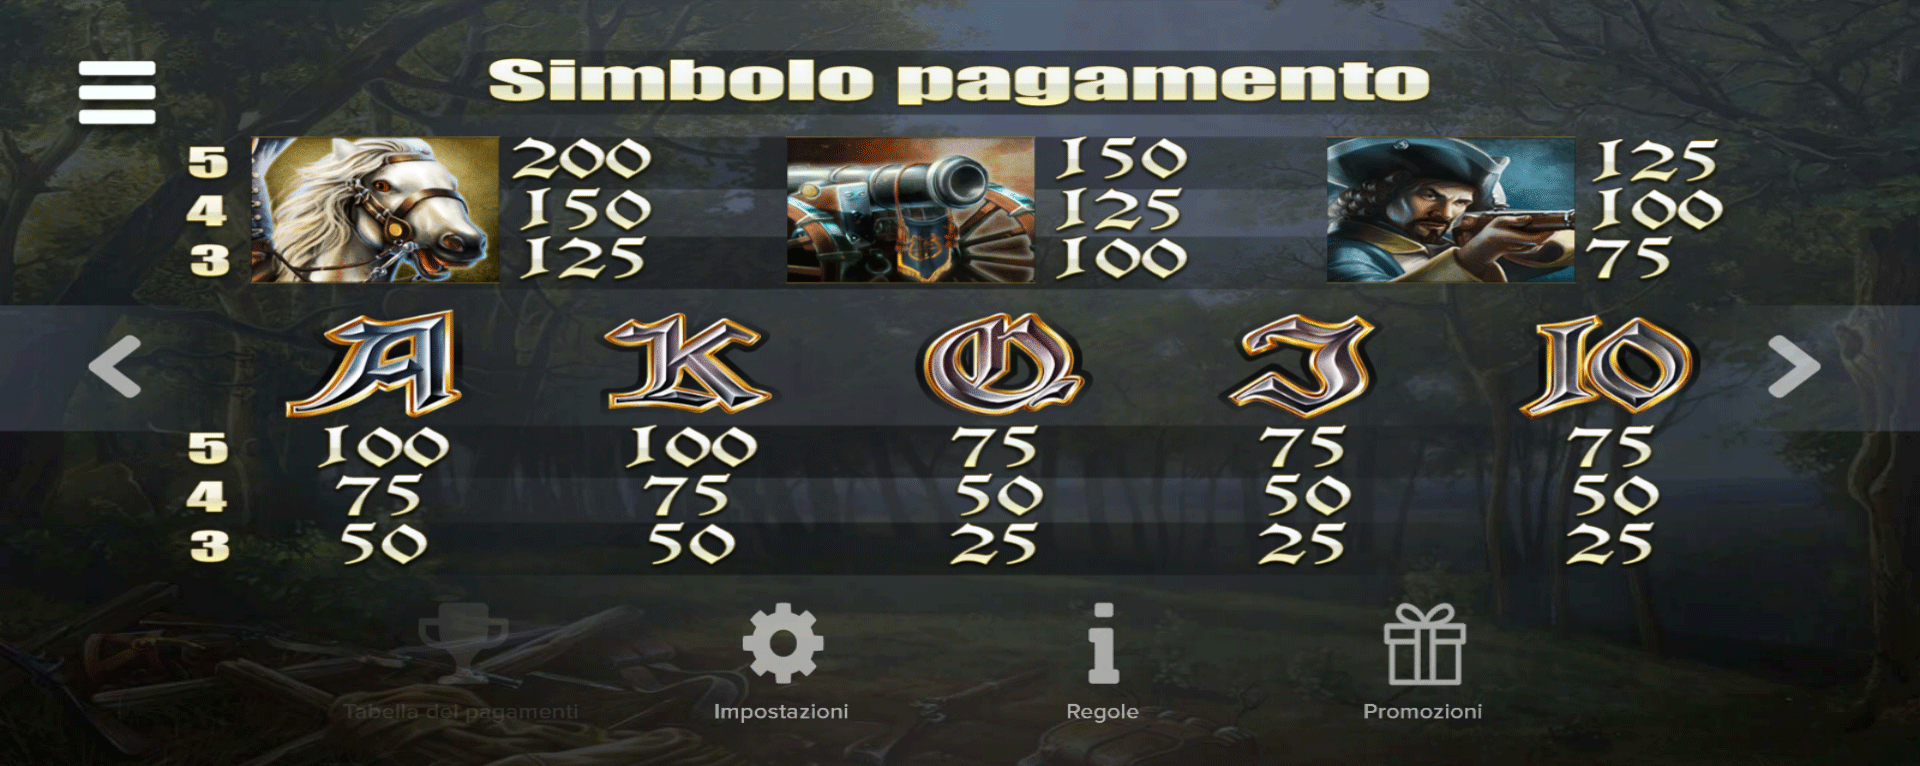 tabella dei simboli della slot machine poltava